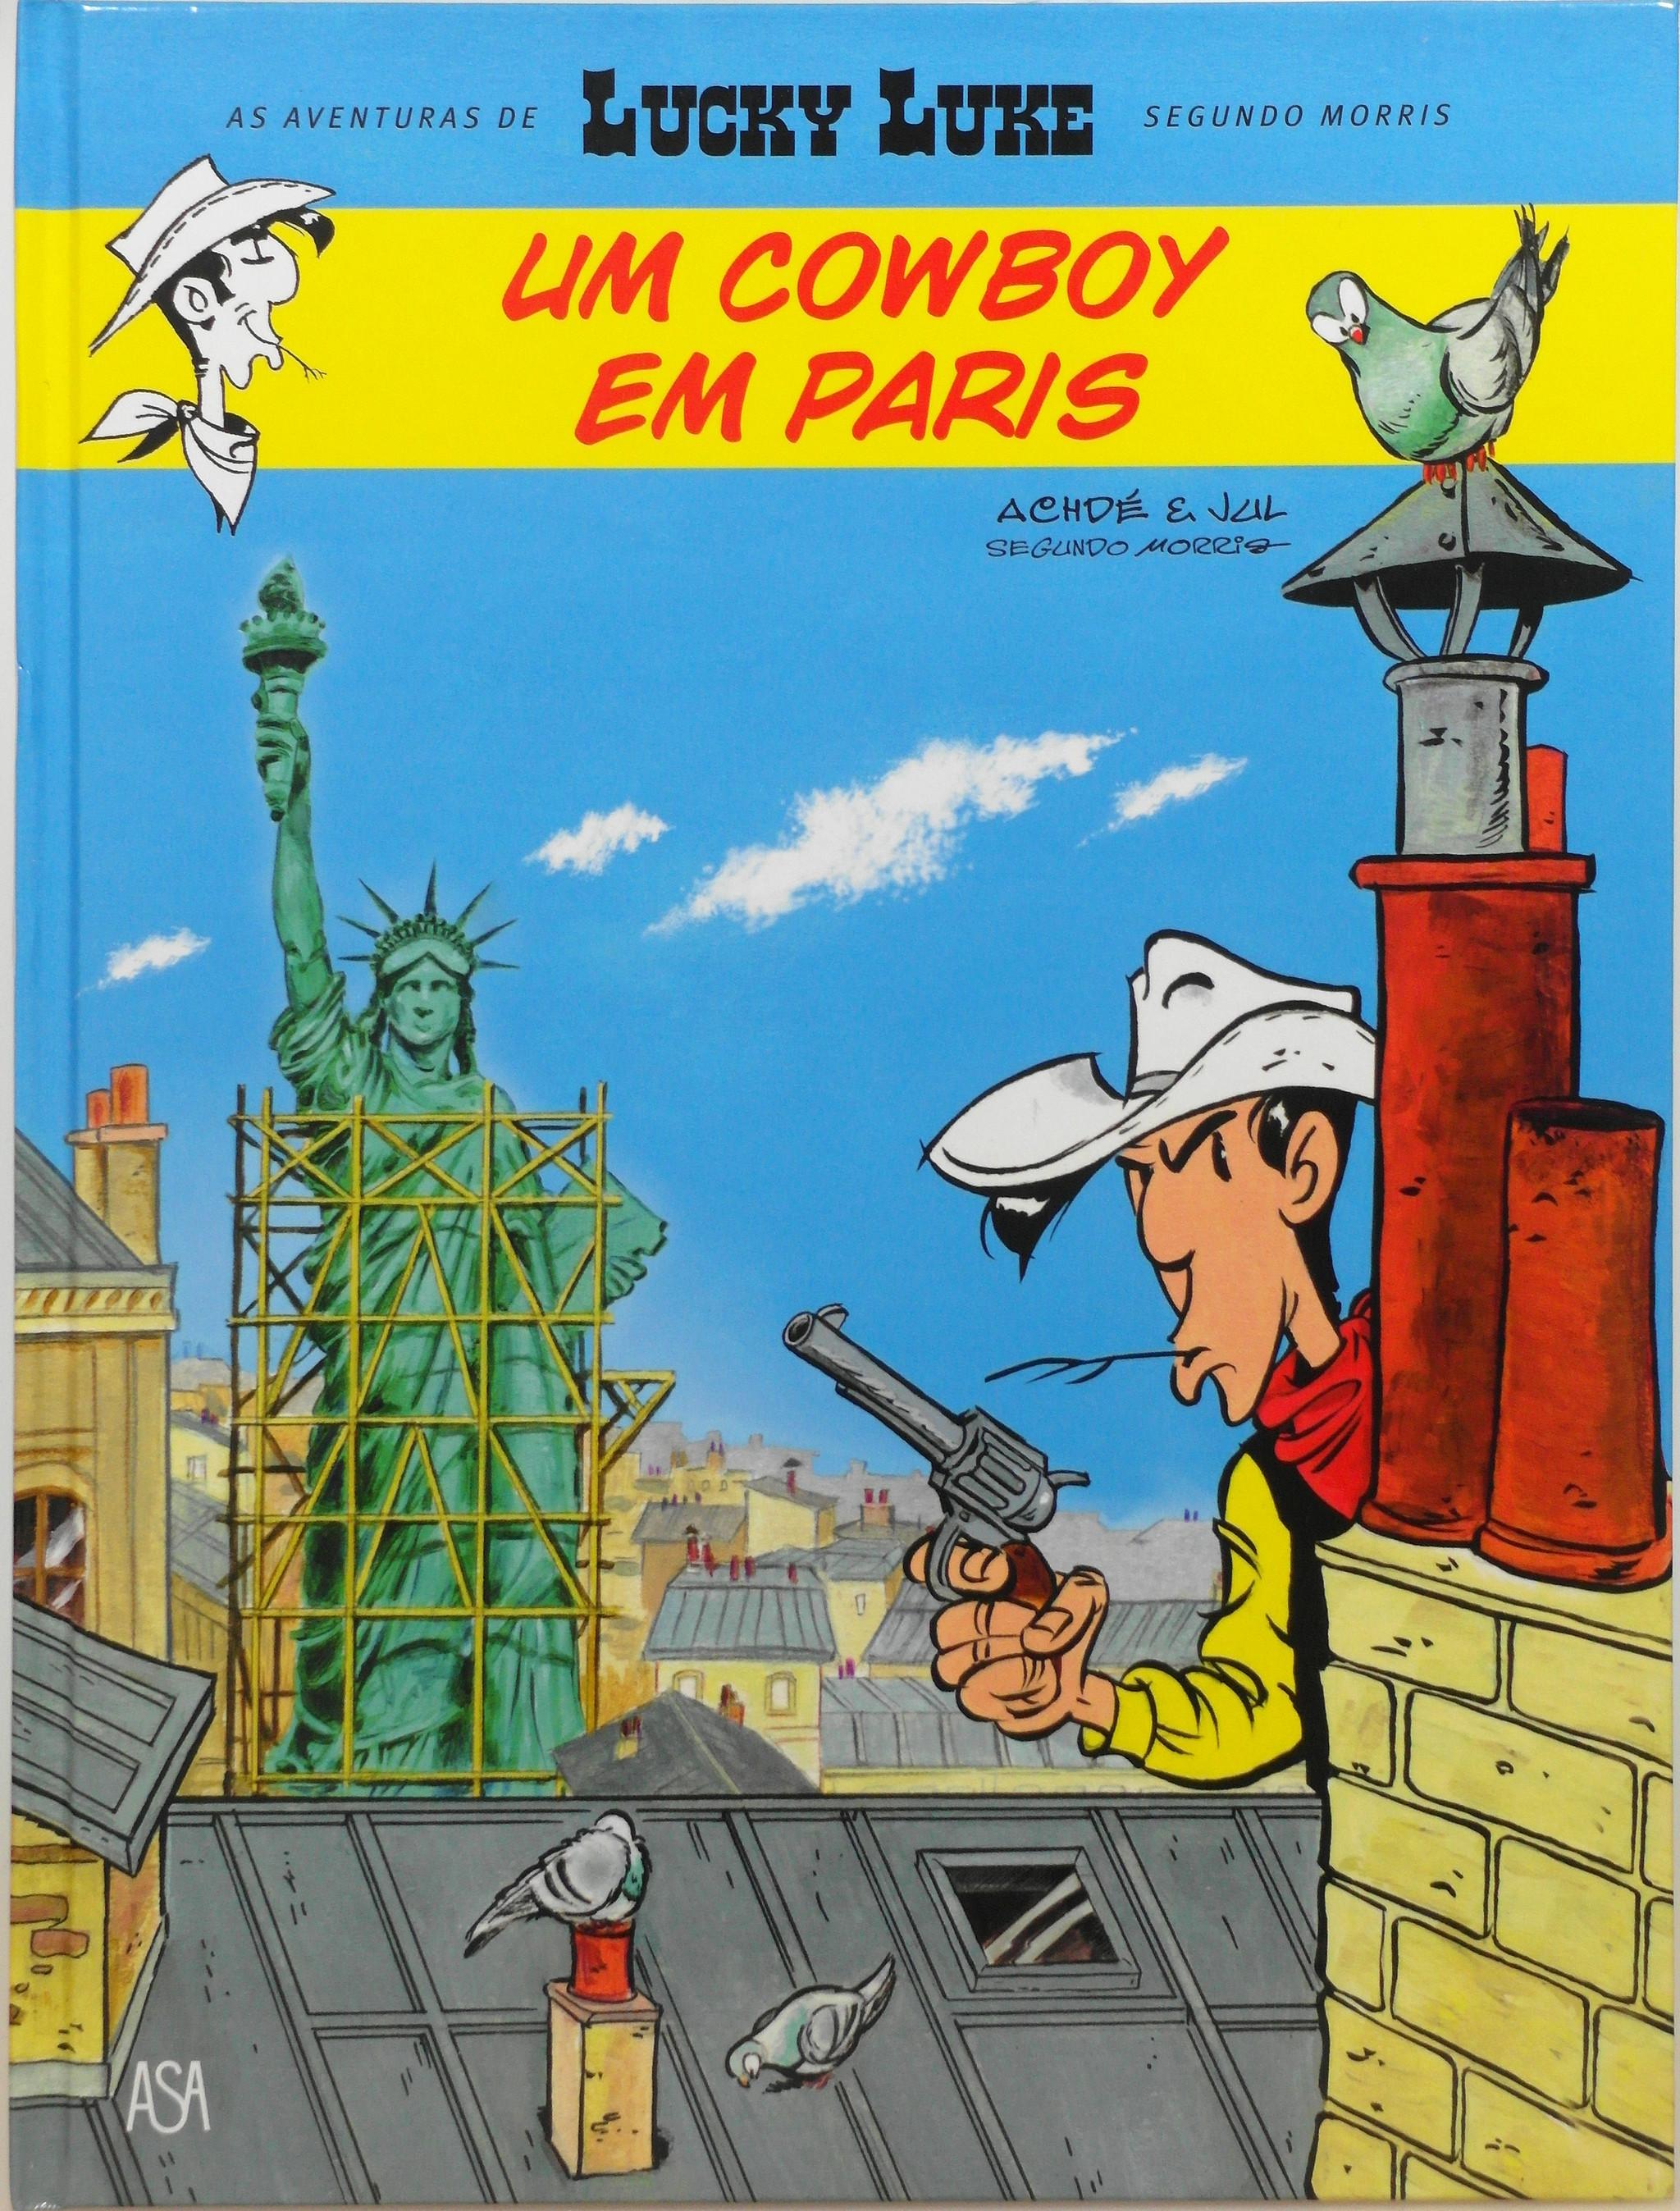 livro Um cowboy em Paris.JPG